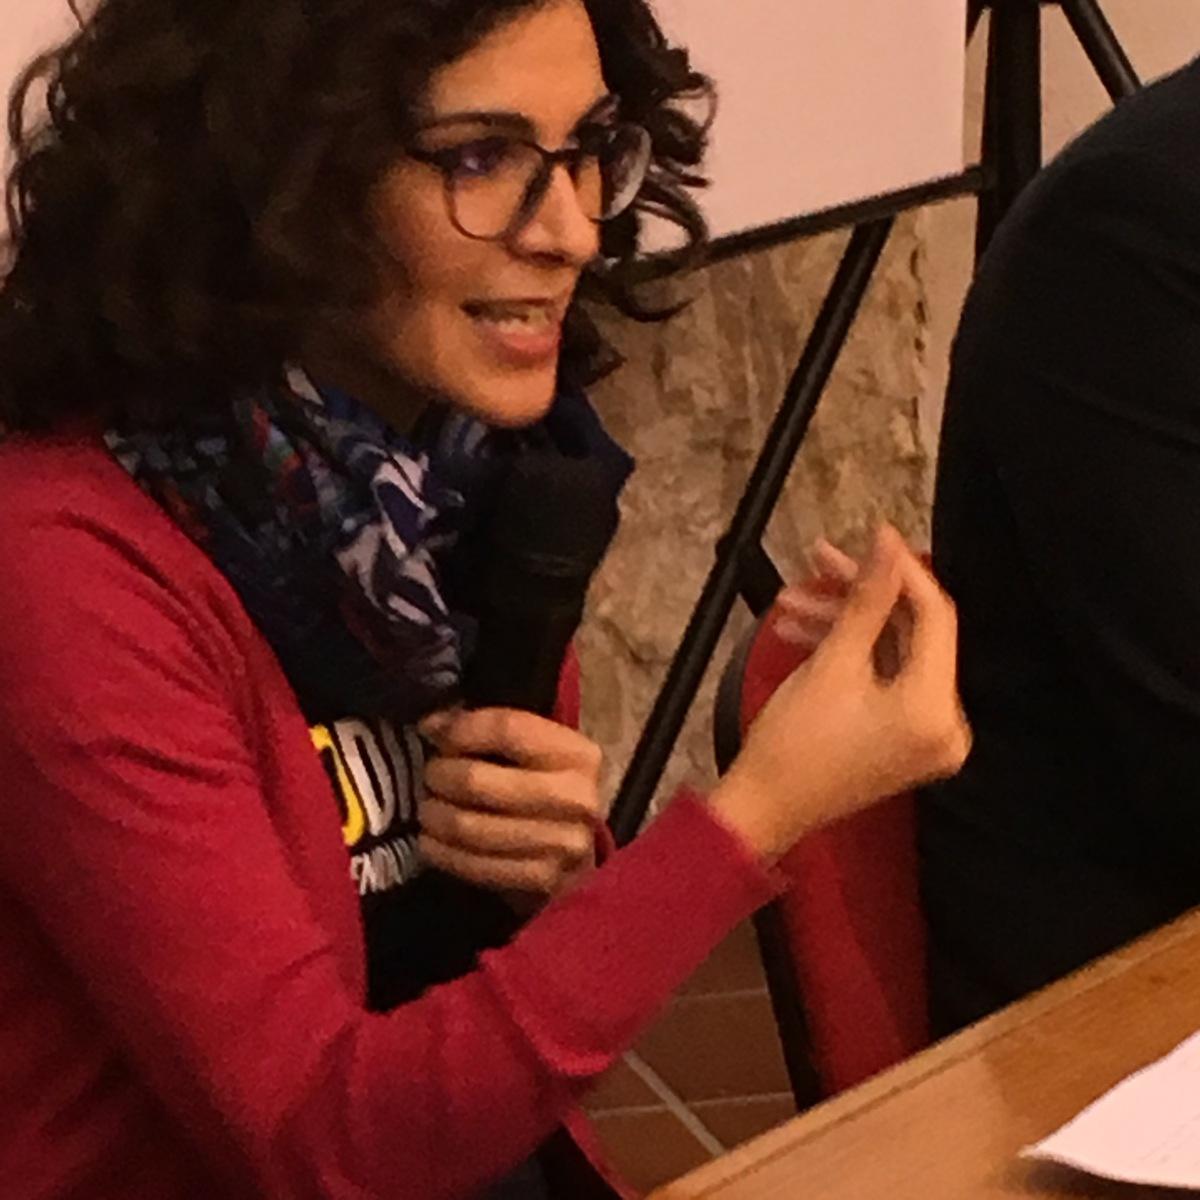 La deputata Lorefice sollecita immediati interventi di ripristino dei riscaldamenti nelle scuole delragusano